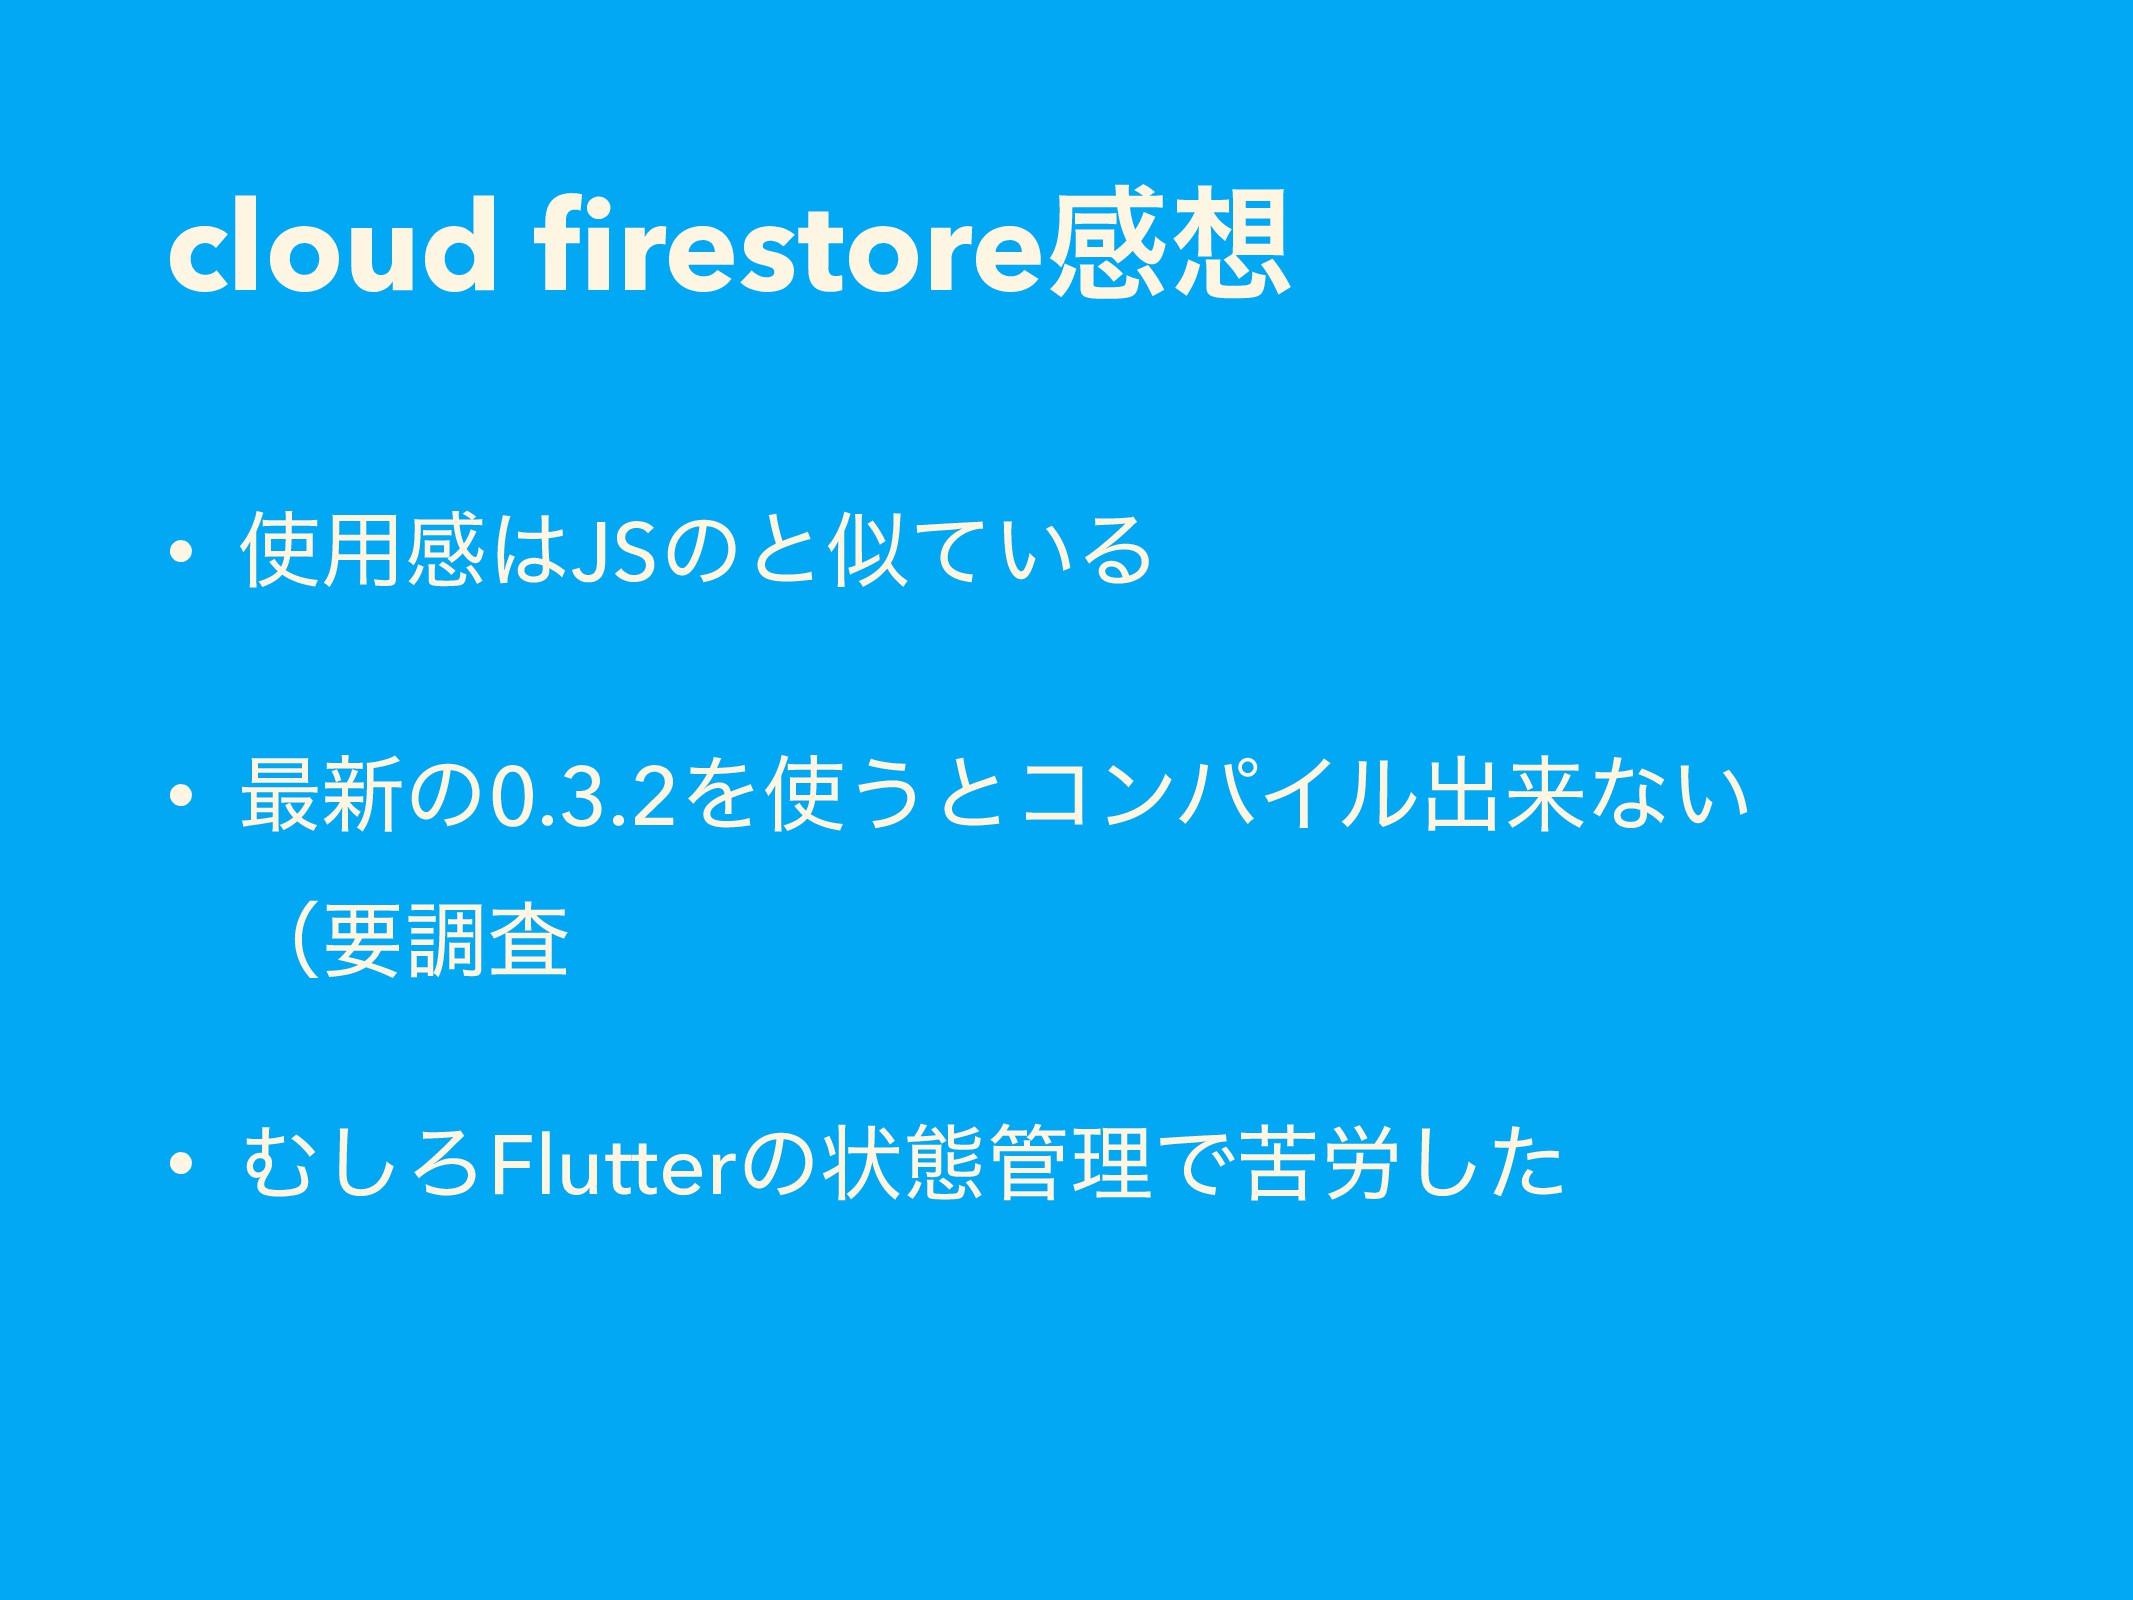 cloud firestoreײ • ༻ײJSͷͱ͍ͯΔ • ࠷৽ͷ0.3.2Λ͏ͱί...